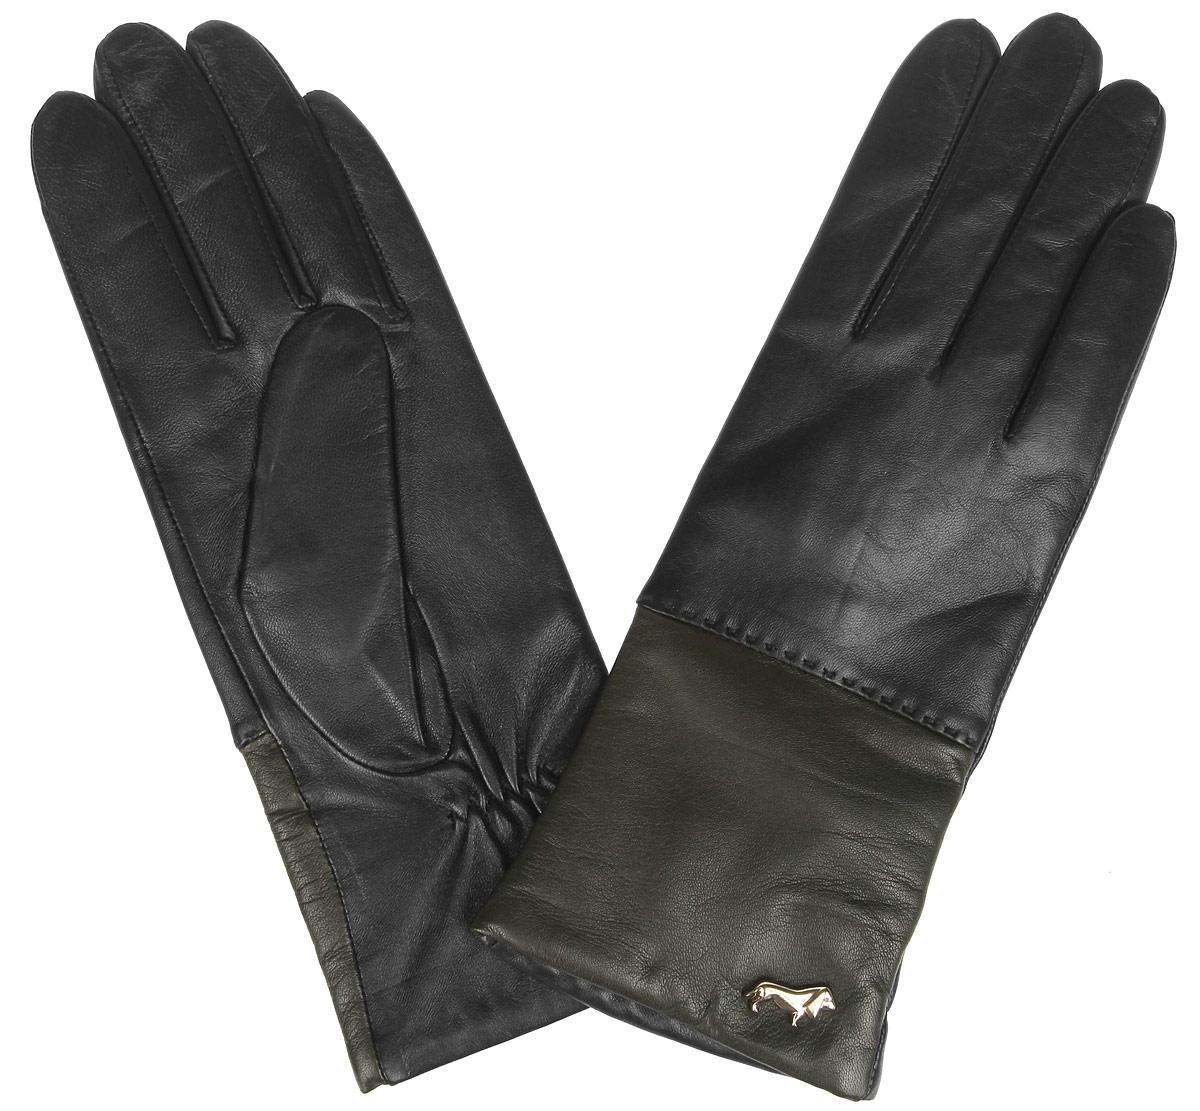 Перчатки женские Labbra, цвет: черный, оливковый. LB-7777. Размер 7LB-7777Женские перчатки Labbra не только защитят ваши руки от холода, но и станут стильным украшением. Перчатки выполнены из натуральной кожи ягненка. Они мягкие, максимально сохраняют тепло, идеально сидят на руке. Подкладка изделия изготовлена из шерсти с добавлением акрила.Лицевая сторона изделия дополнена декоративным элементом в виде логотипа бренда. На запястье модель присборена на небольшие эластичные резинки.Перчатки станут завершающим элементом вашего неповторимого стиля и подчеркнут вашу индивидуальность.